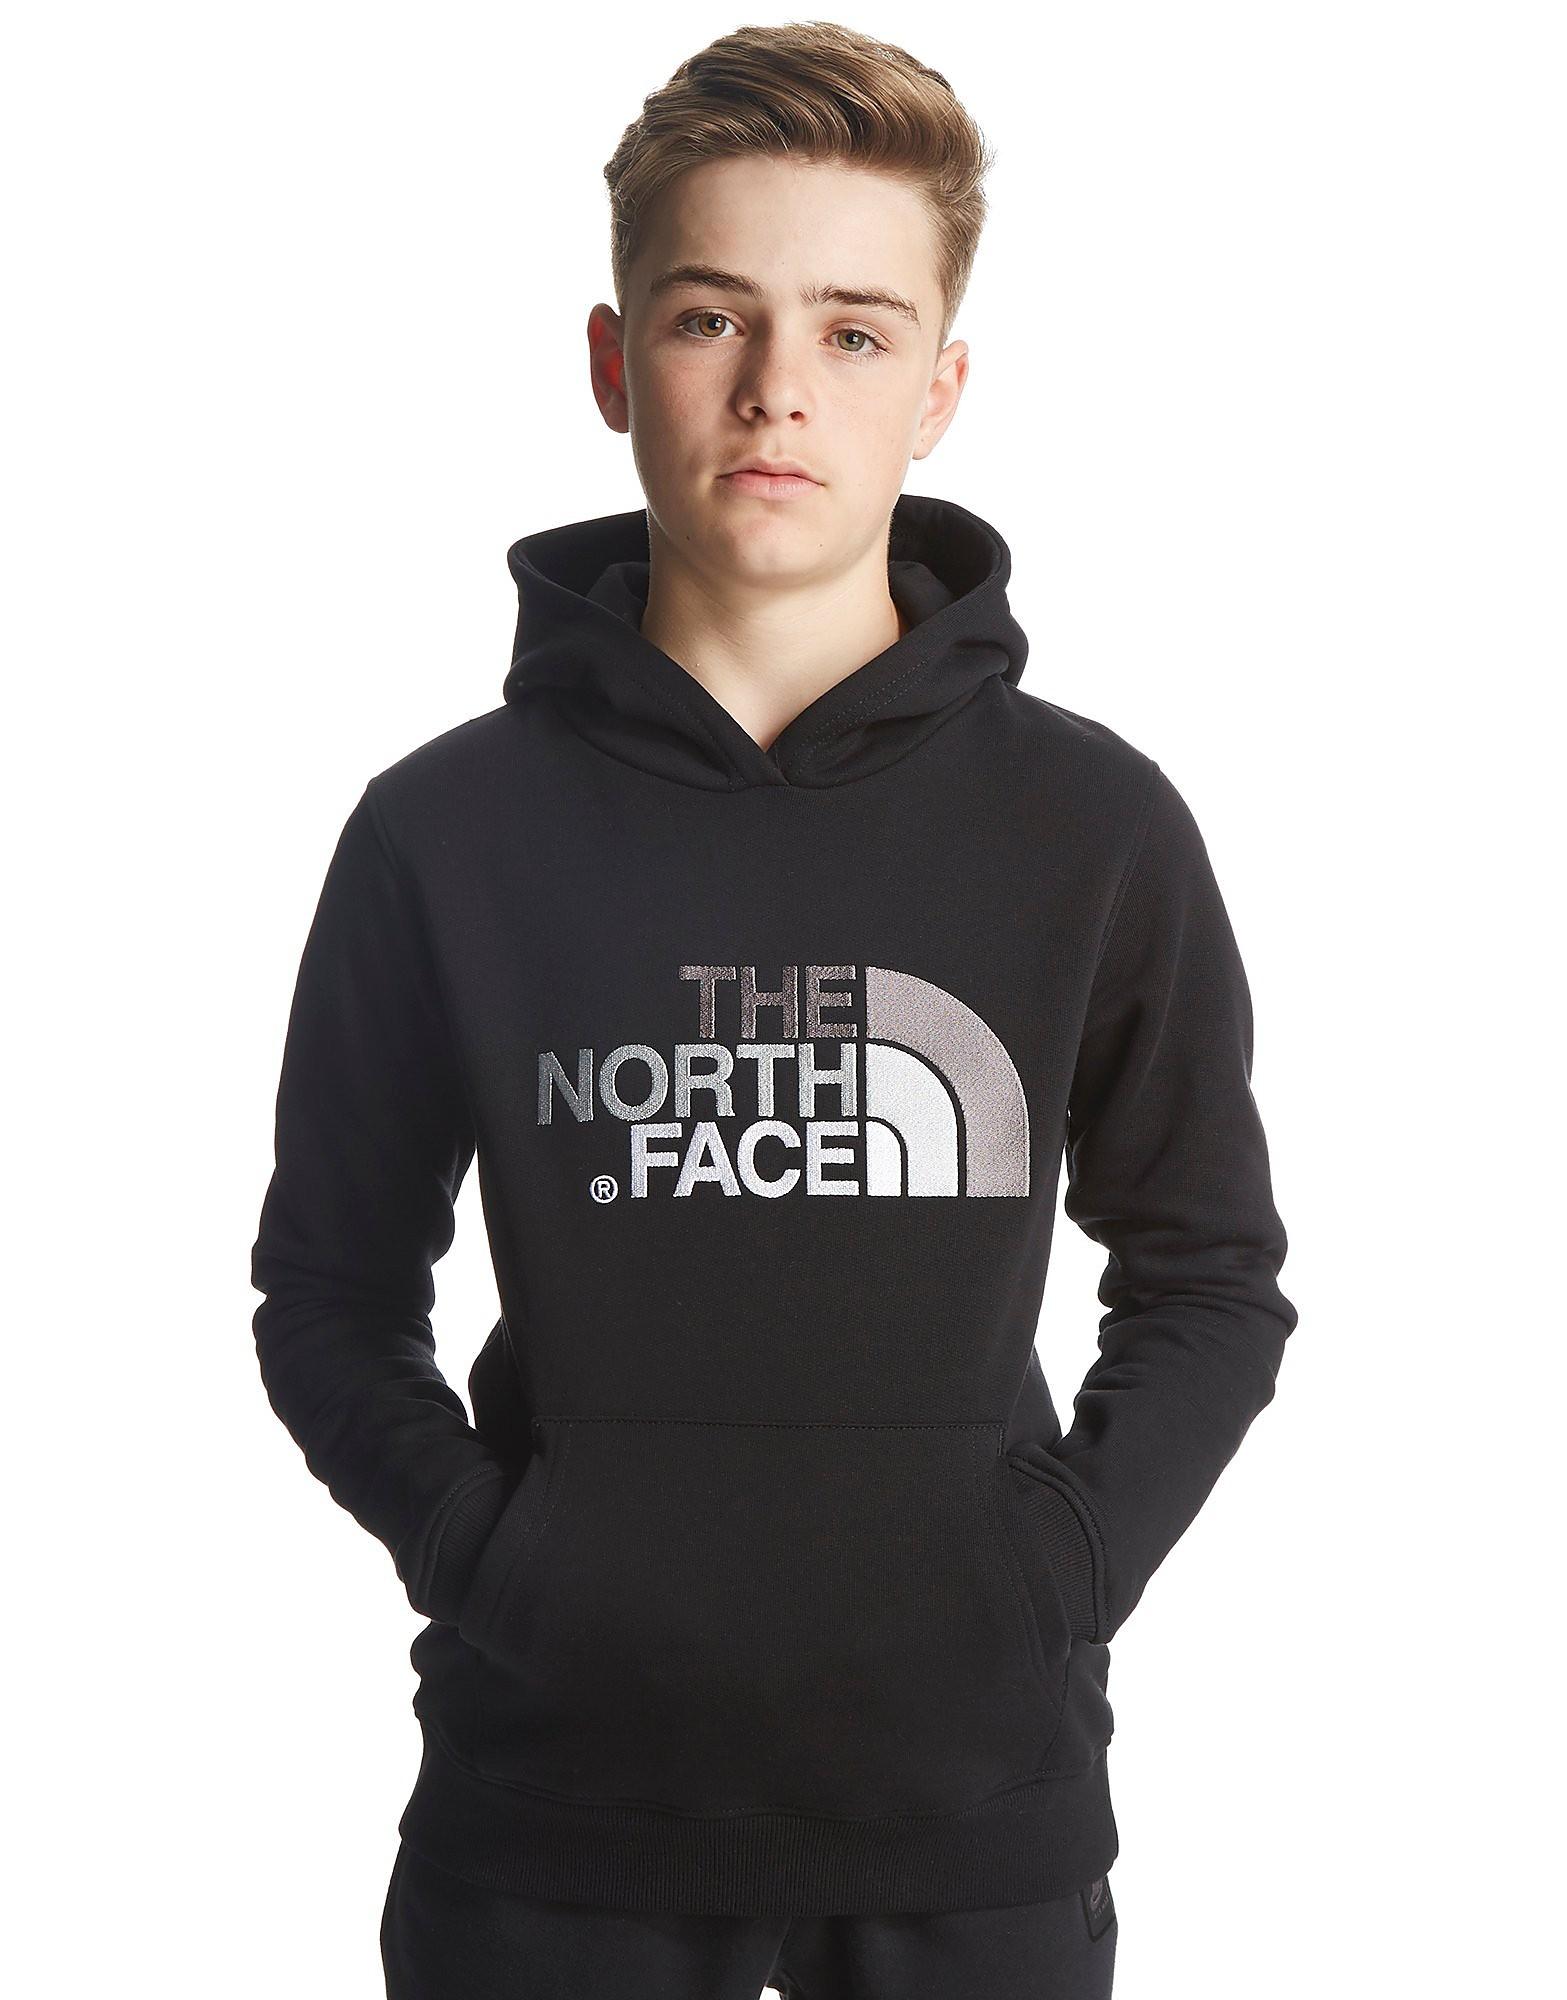 The North Face Drew Peak Hoody Junior